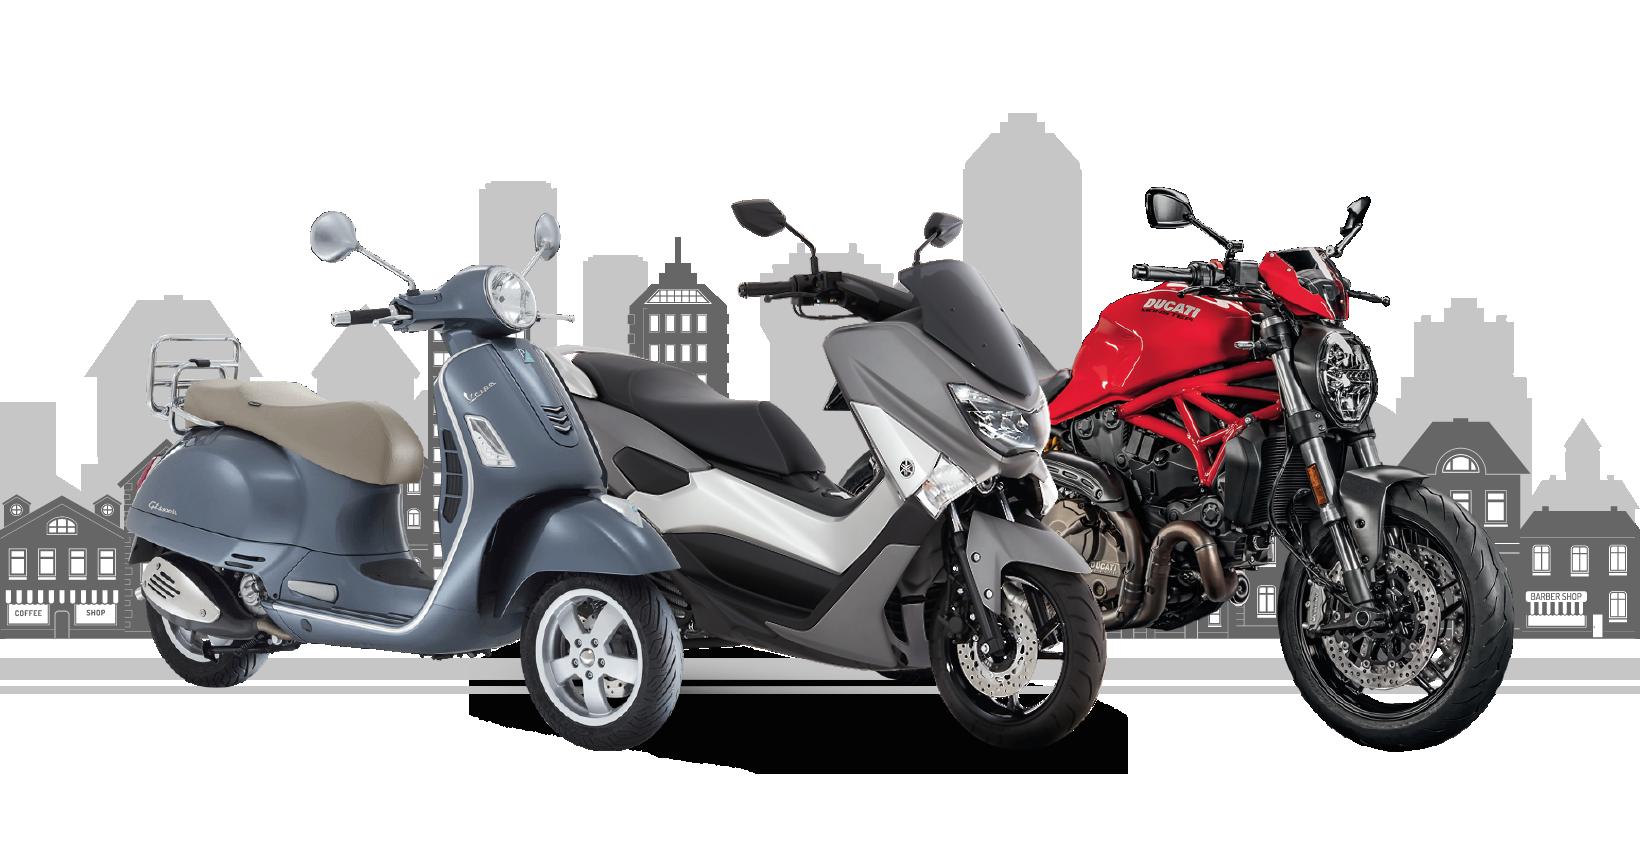 Noleggio Moto, Scooter e Minicar